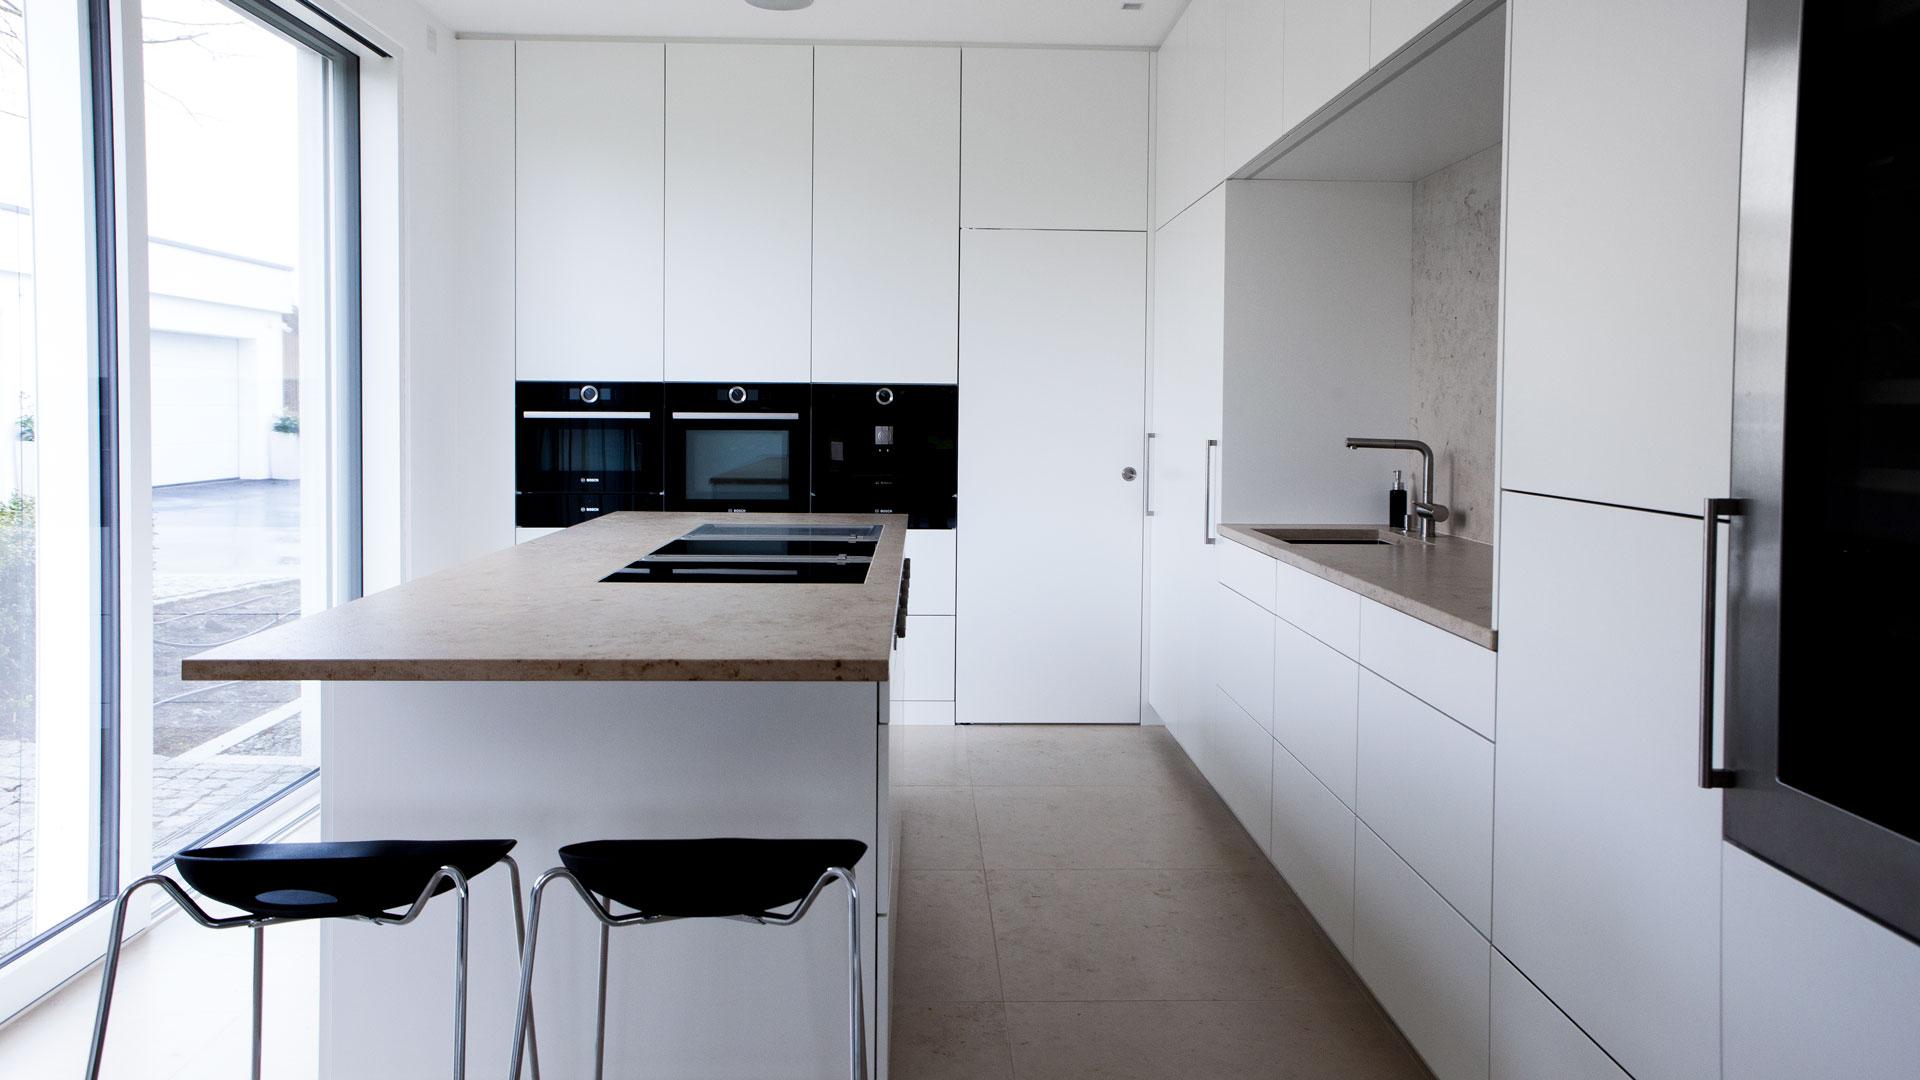 Küche - 1307 • Schreinerei Steinberger, Bubach - Möbelschreiner ...